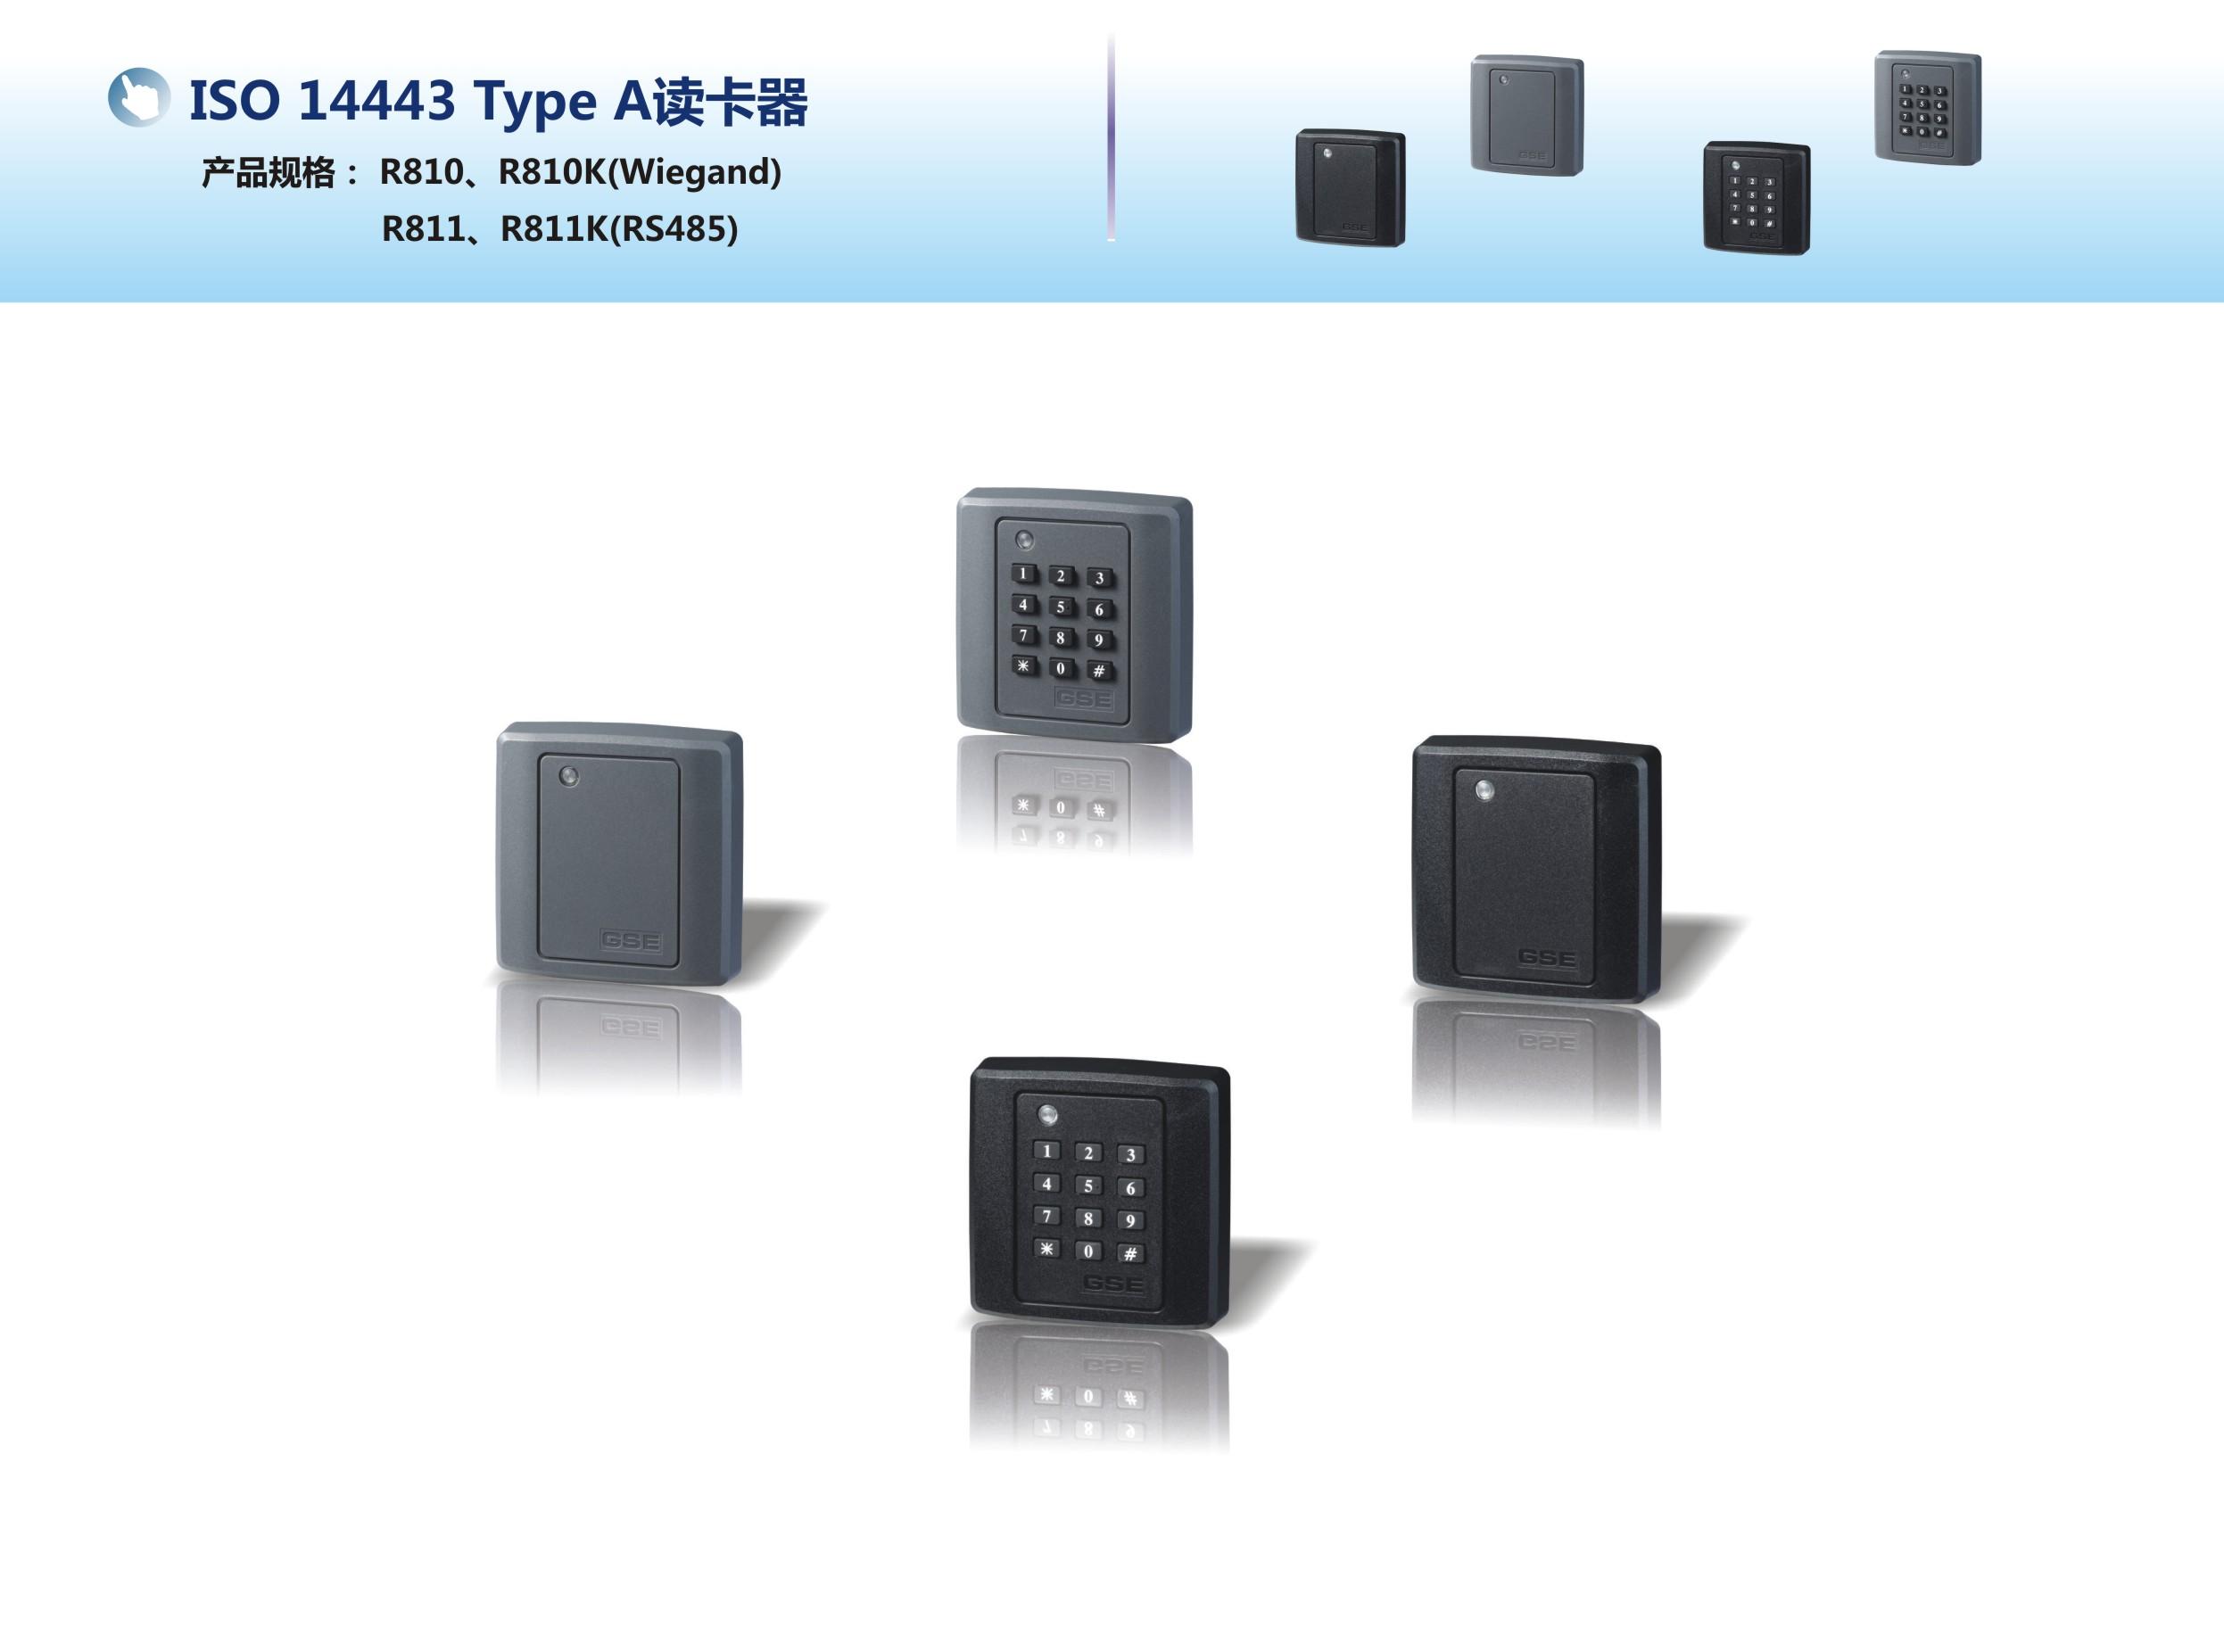 电压适应范围宽,6 ~ 16VDC 防水防尘,外壳防护能力达IP65,适应室内/外环境 符合ADA标准,带有声光提示,LED指示灯和蜂鸣器可受主机控制 外观美丽大方 结构设计精巧,便于安装且阻止肆意破坏行为。 产品参数 读卡类型:ISO 14443 Type A 读取内容:卡片CSN或卡片中用户指定区域的数据 工作频率:13.